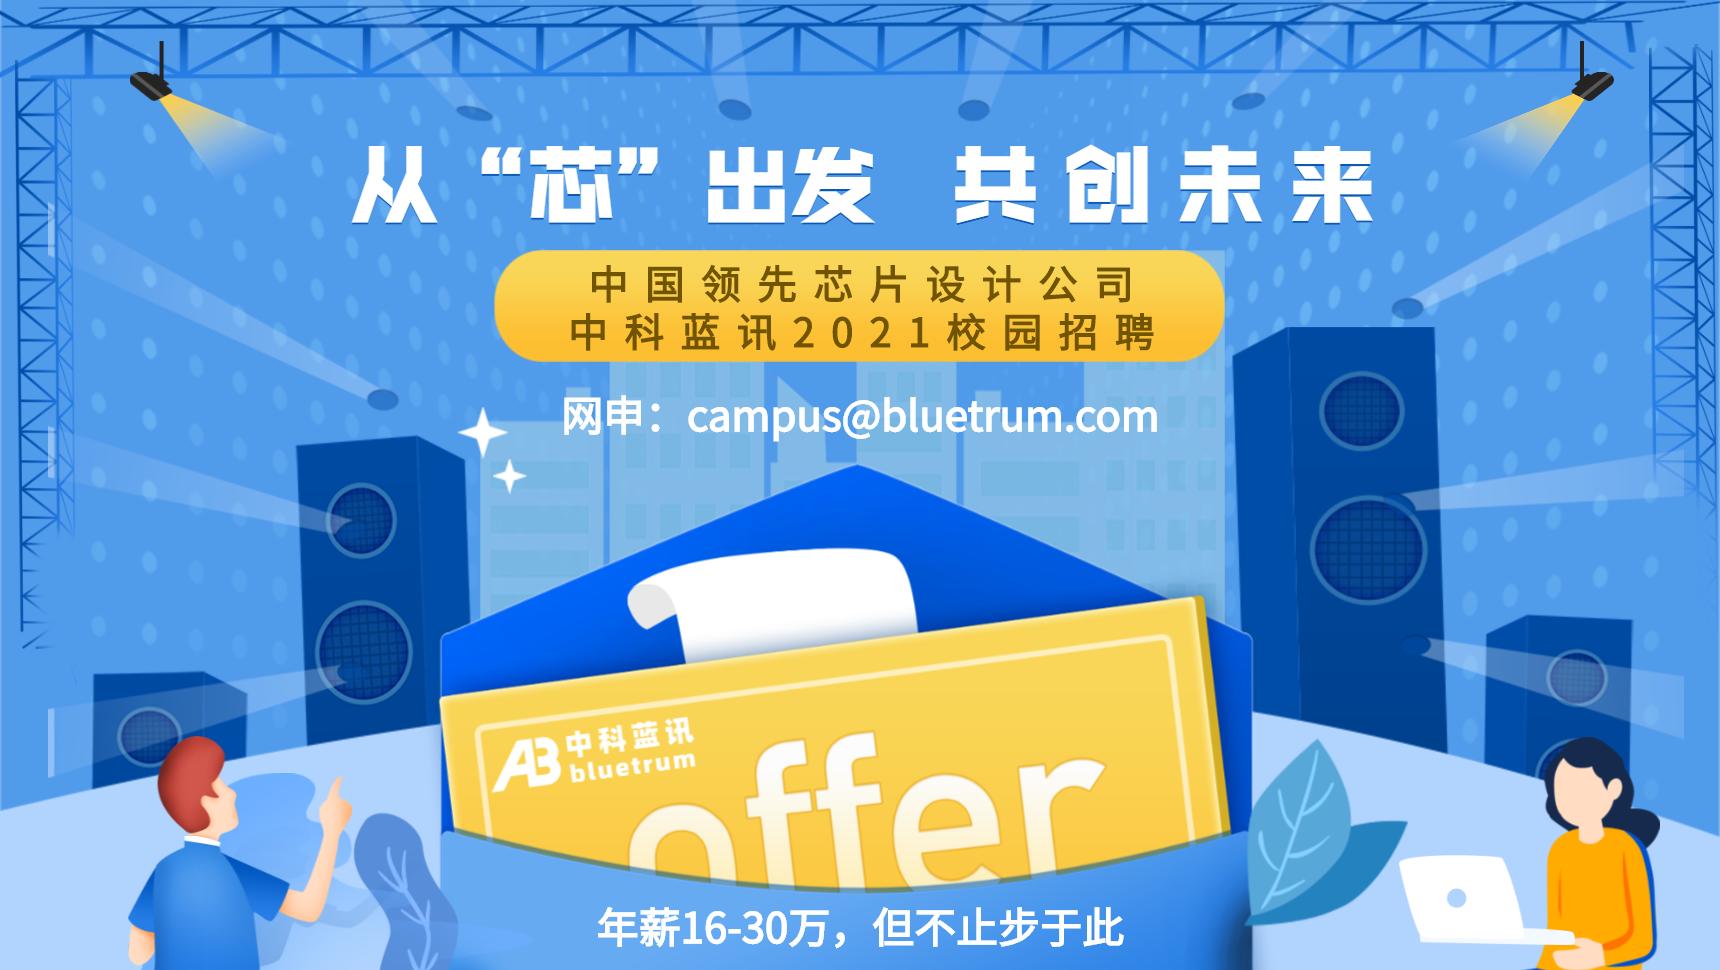 深圳市中科蓝讯科技股份有限公司空中宣讲会